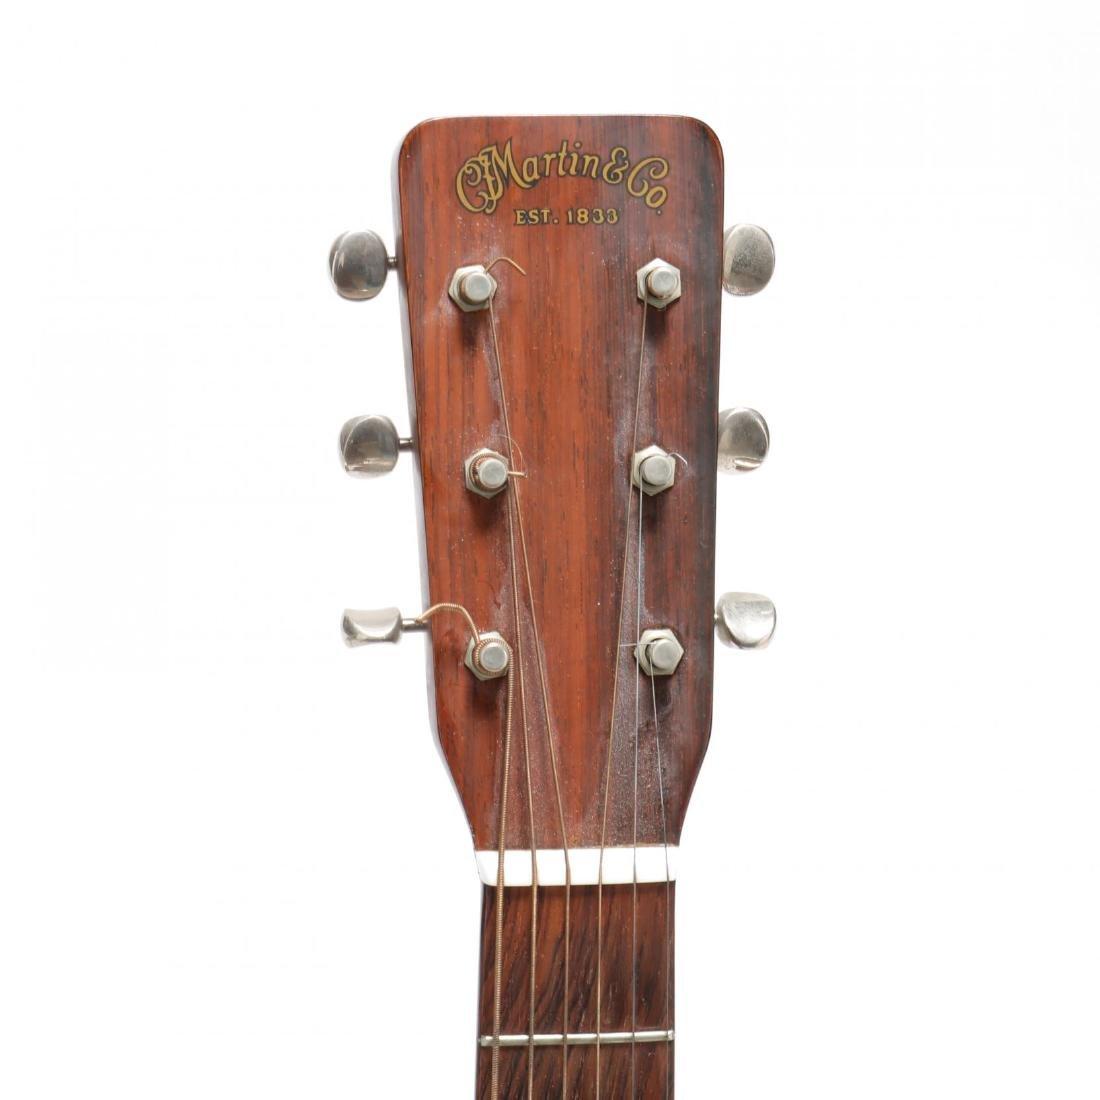 1967 Martin O-18 Flat Top Guitar - 2